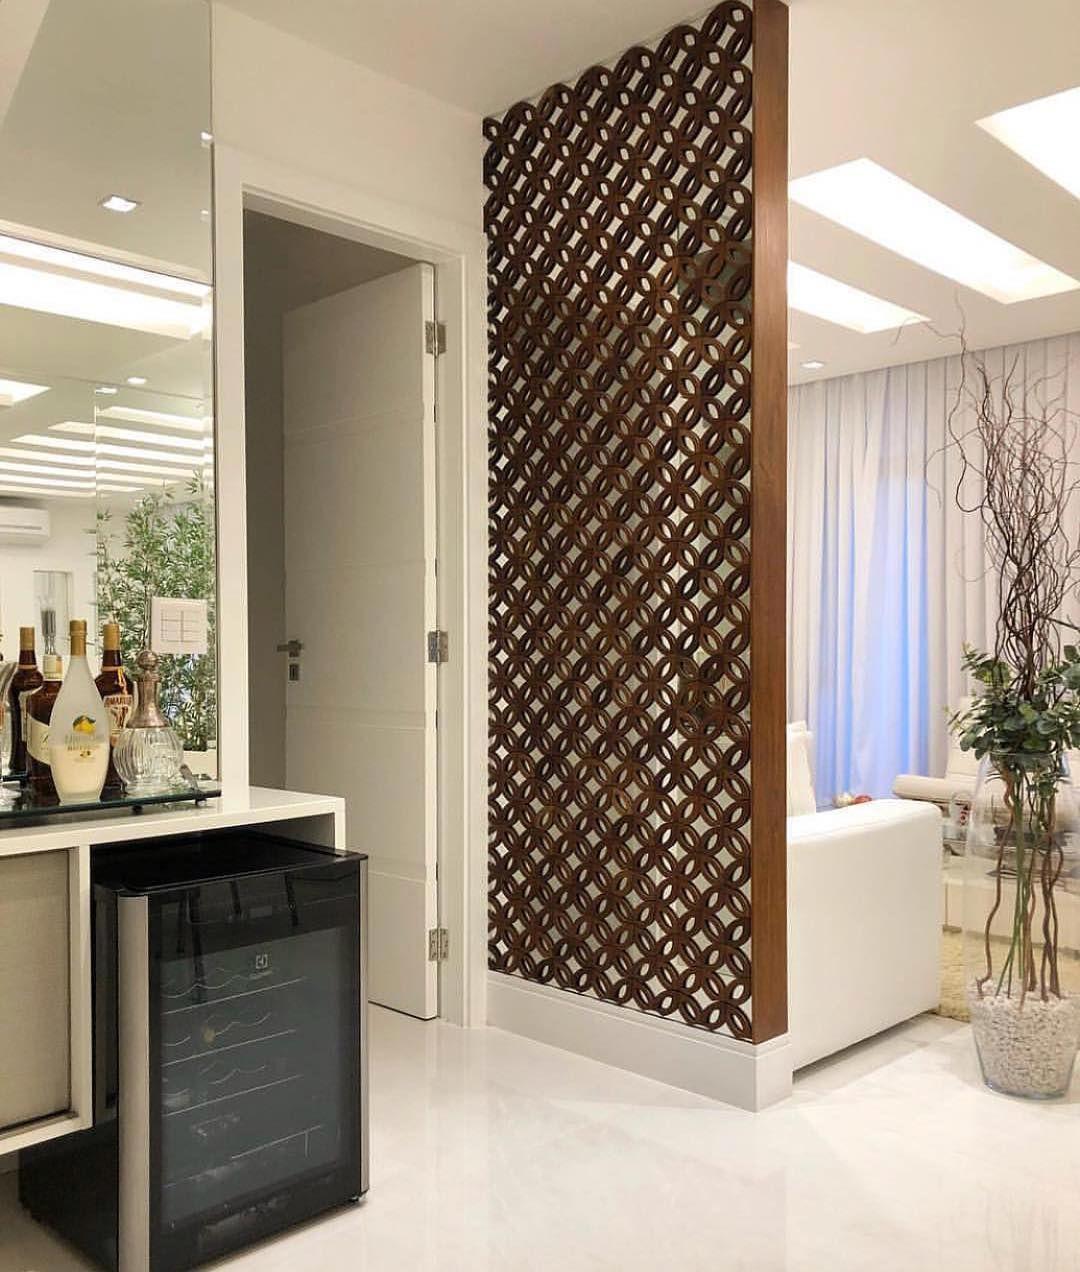 بارتشن خشبي عمل ديزاين جميل في الديكور صوفا ديزاين منظر دبلكس بارتشن باركيه Inside Dundurn Cas Living Room Partition Design Partition Design Home Decor